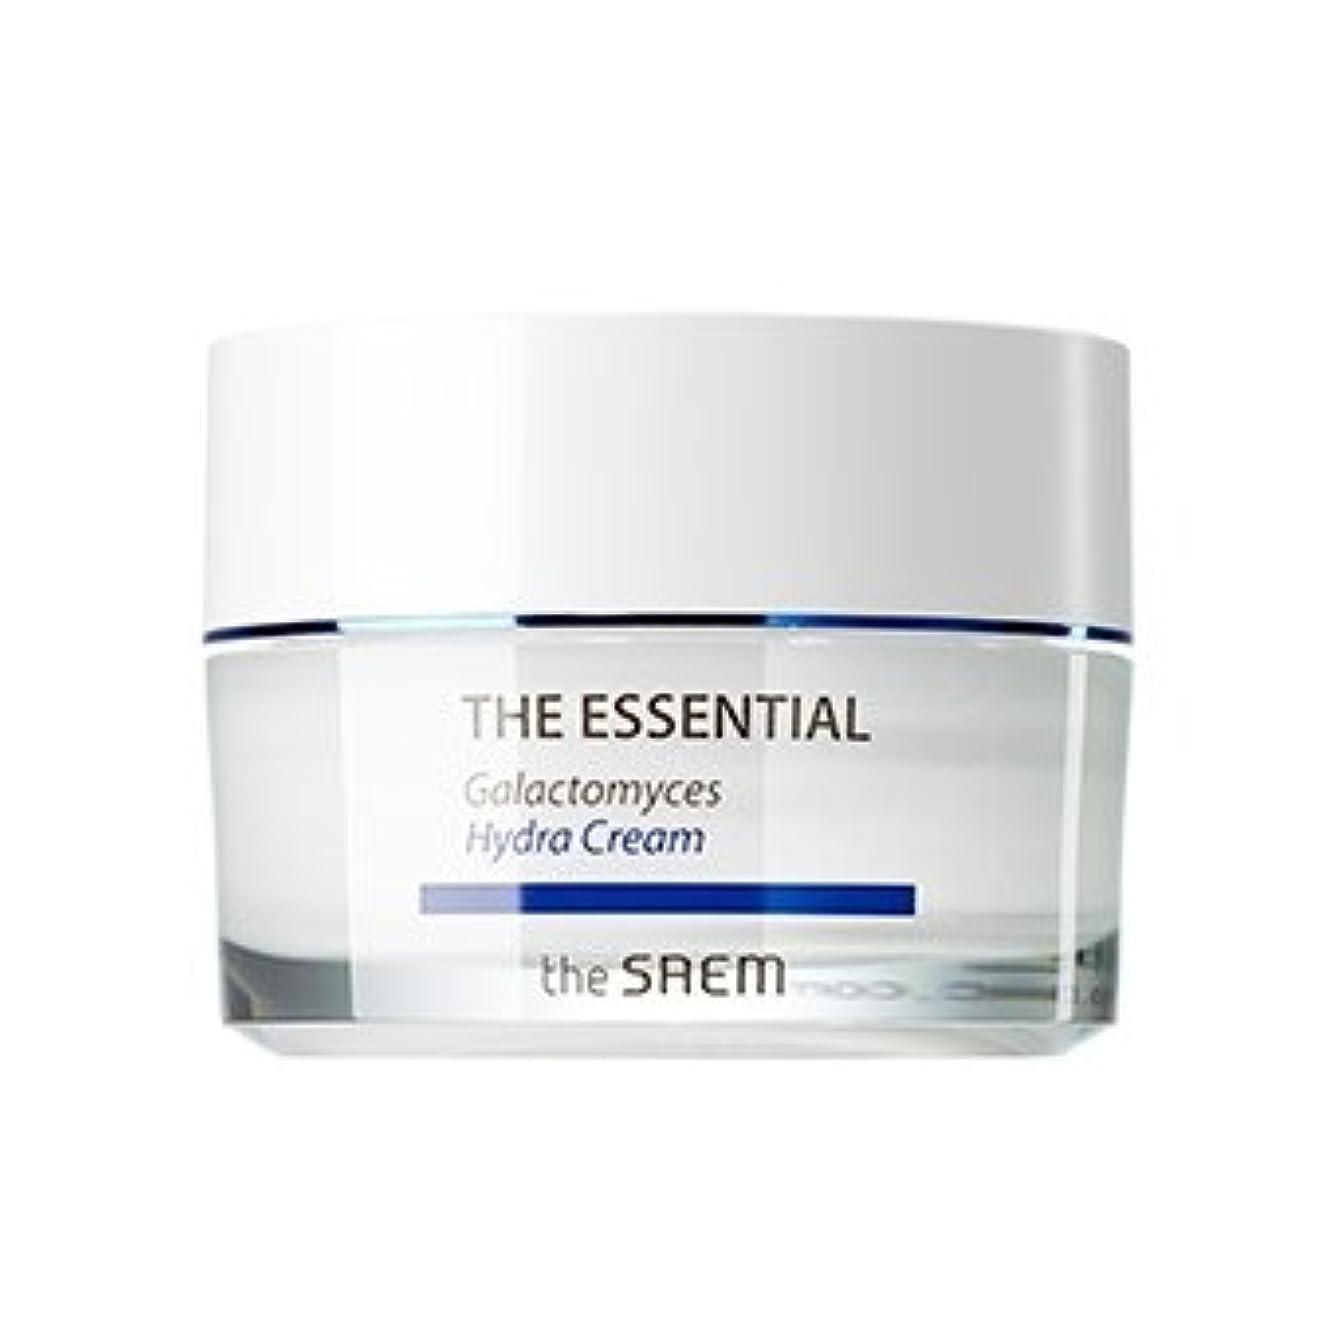 ドリルシビック薄いですthe SAEM The Essential Galactomyces Hydra Cream 50ml/ザセム ザ エッセンシャル ガラクトミセス ハイドラ クリーム 50ml [並行輸入品]